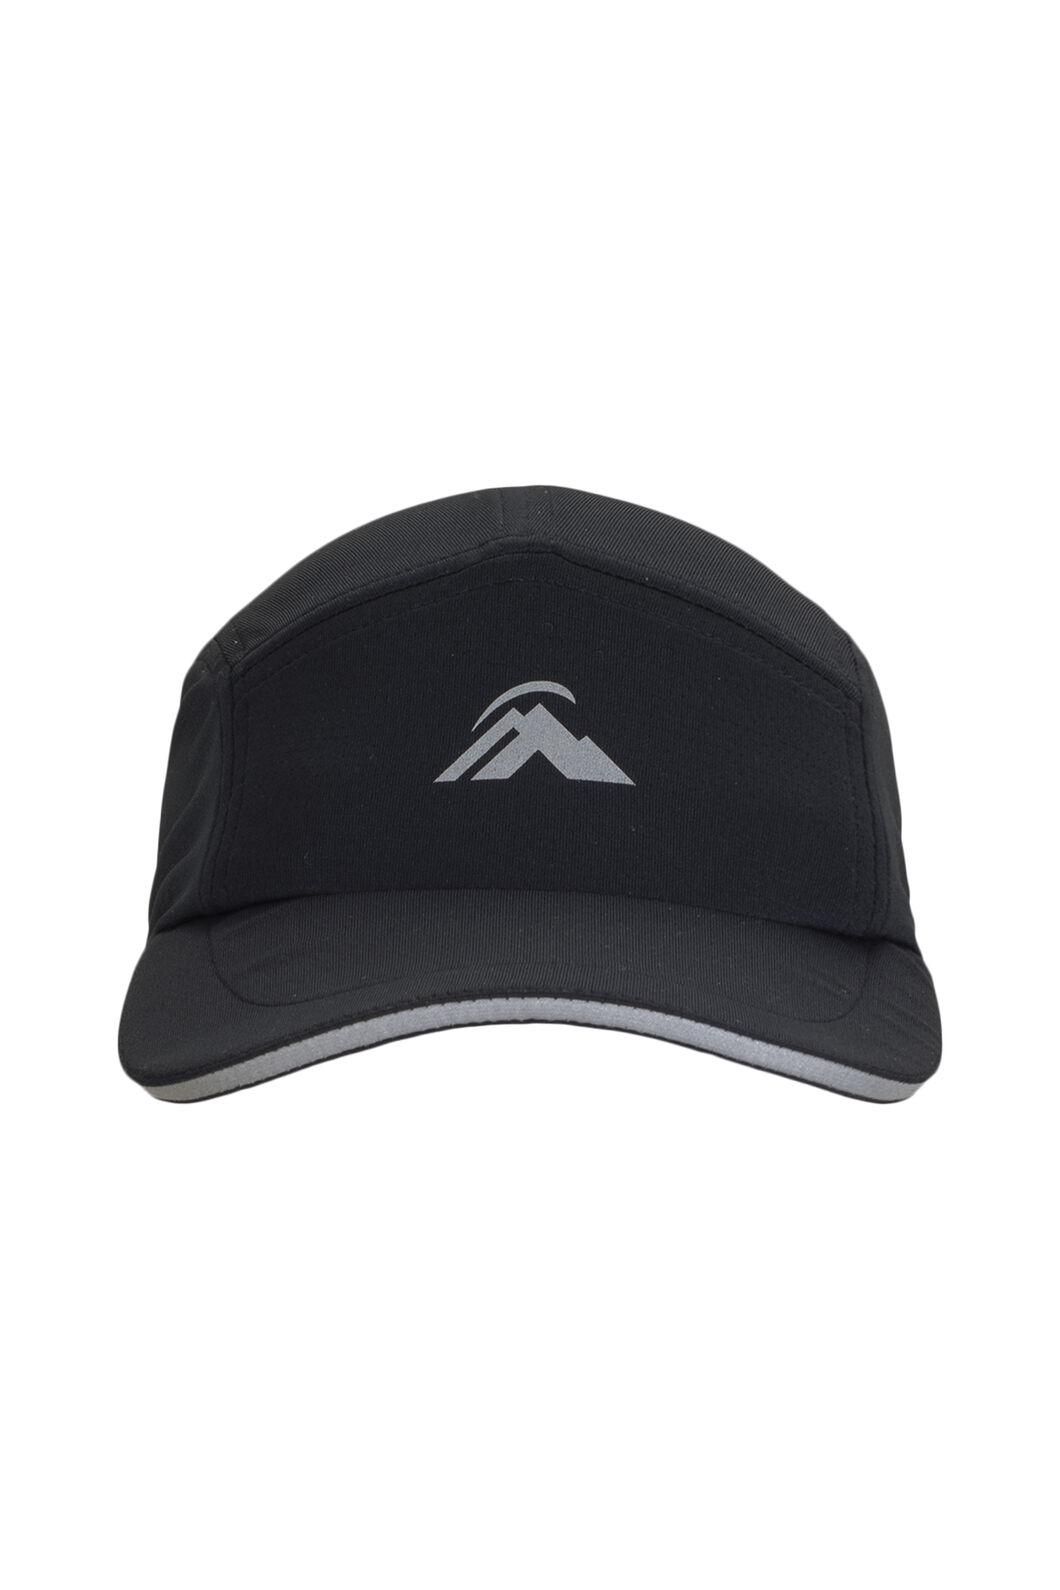 Macpac Eyre Active Cap, True Black, hi-res